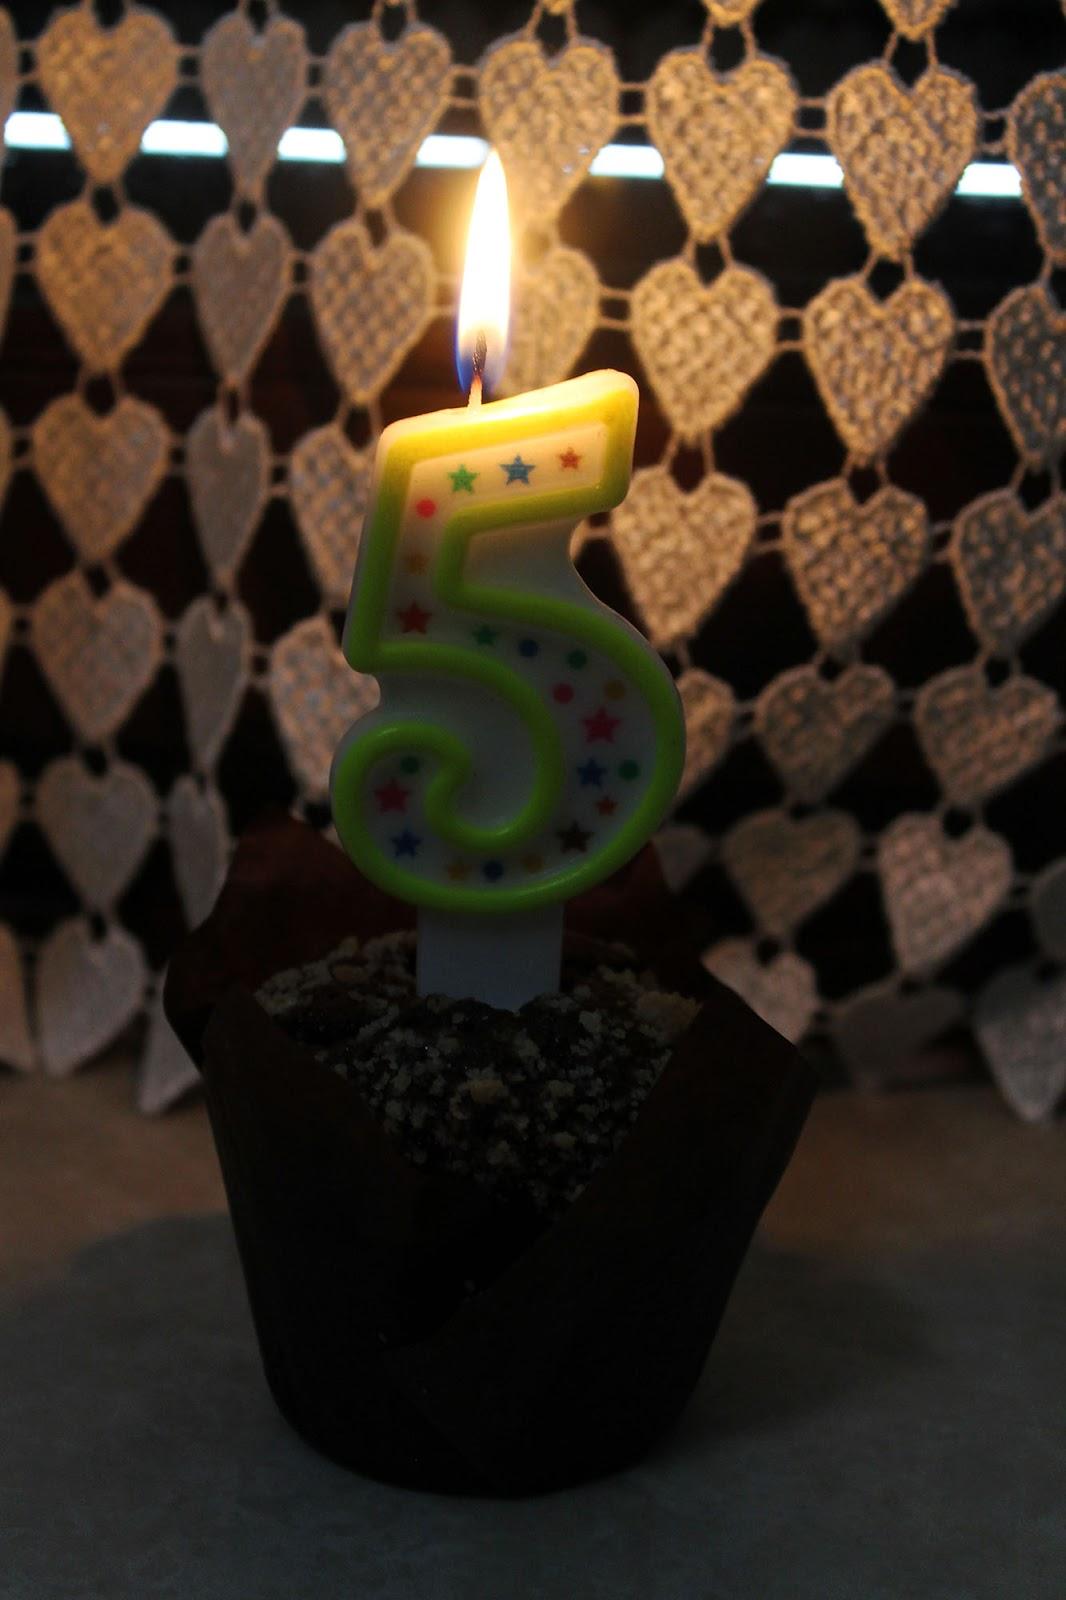 Sorprese Per Un Compleanno buon compleanno a noi e una sorpresa per voi! - jules on the